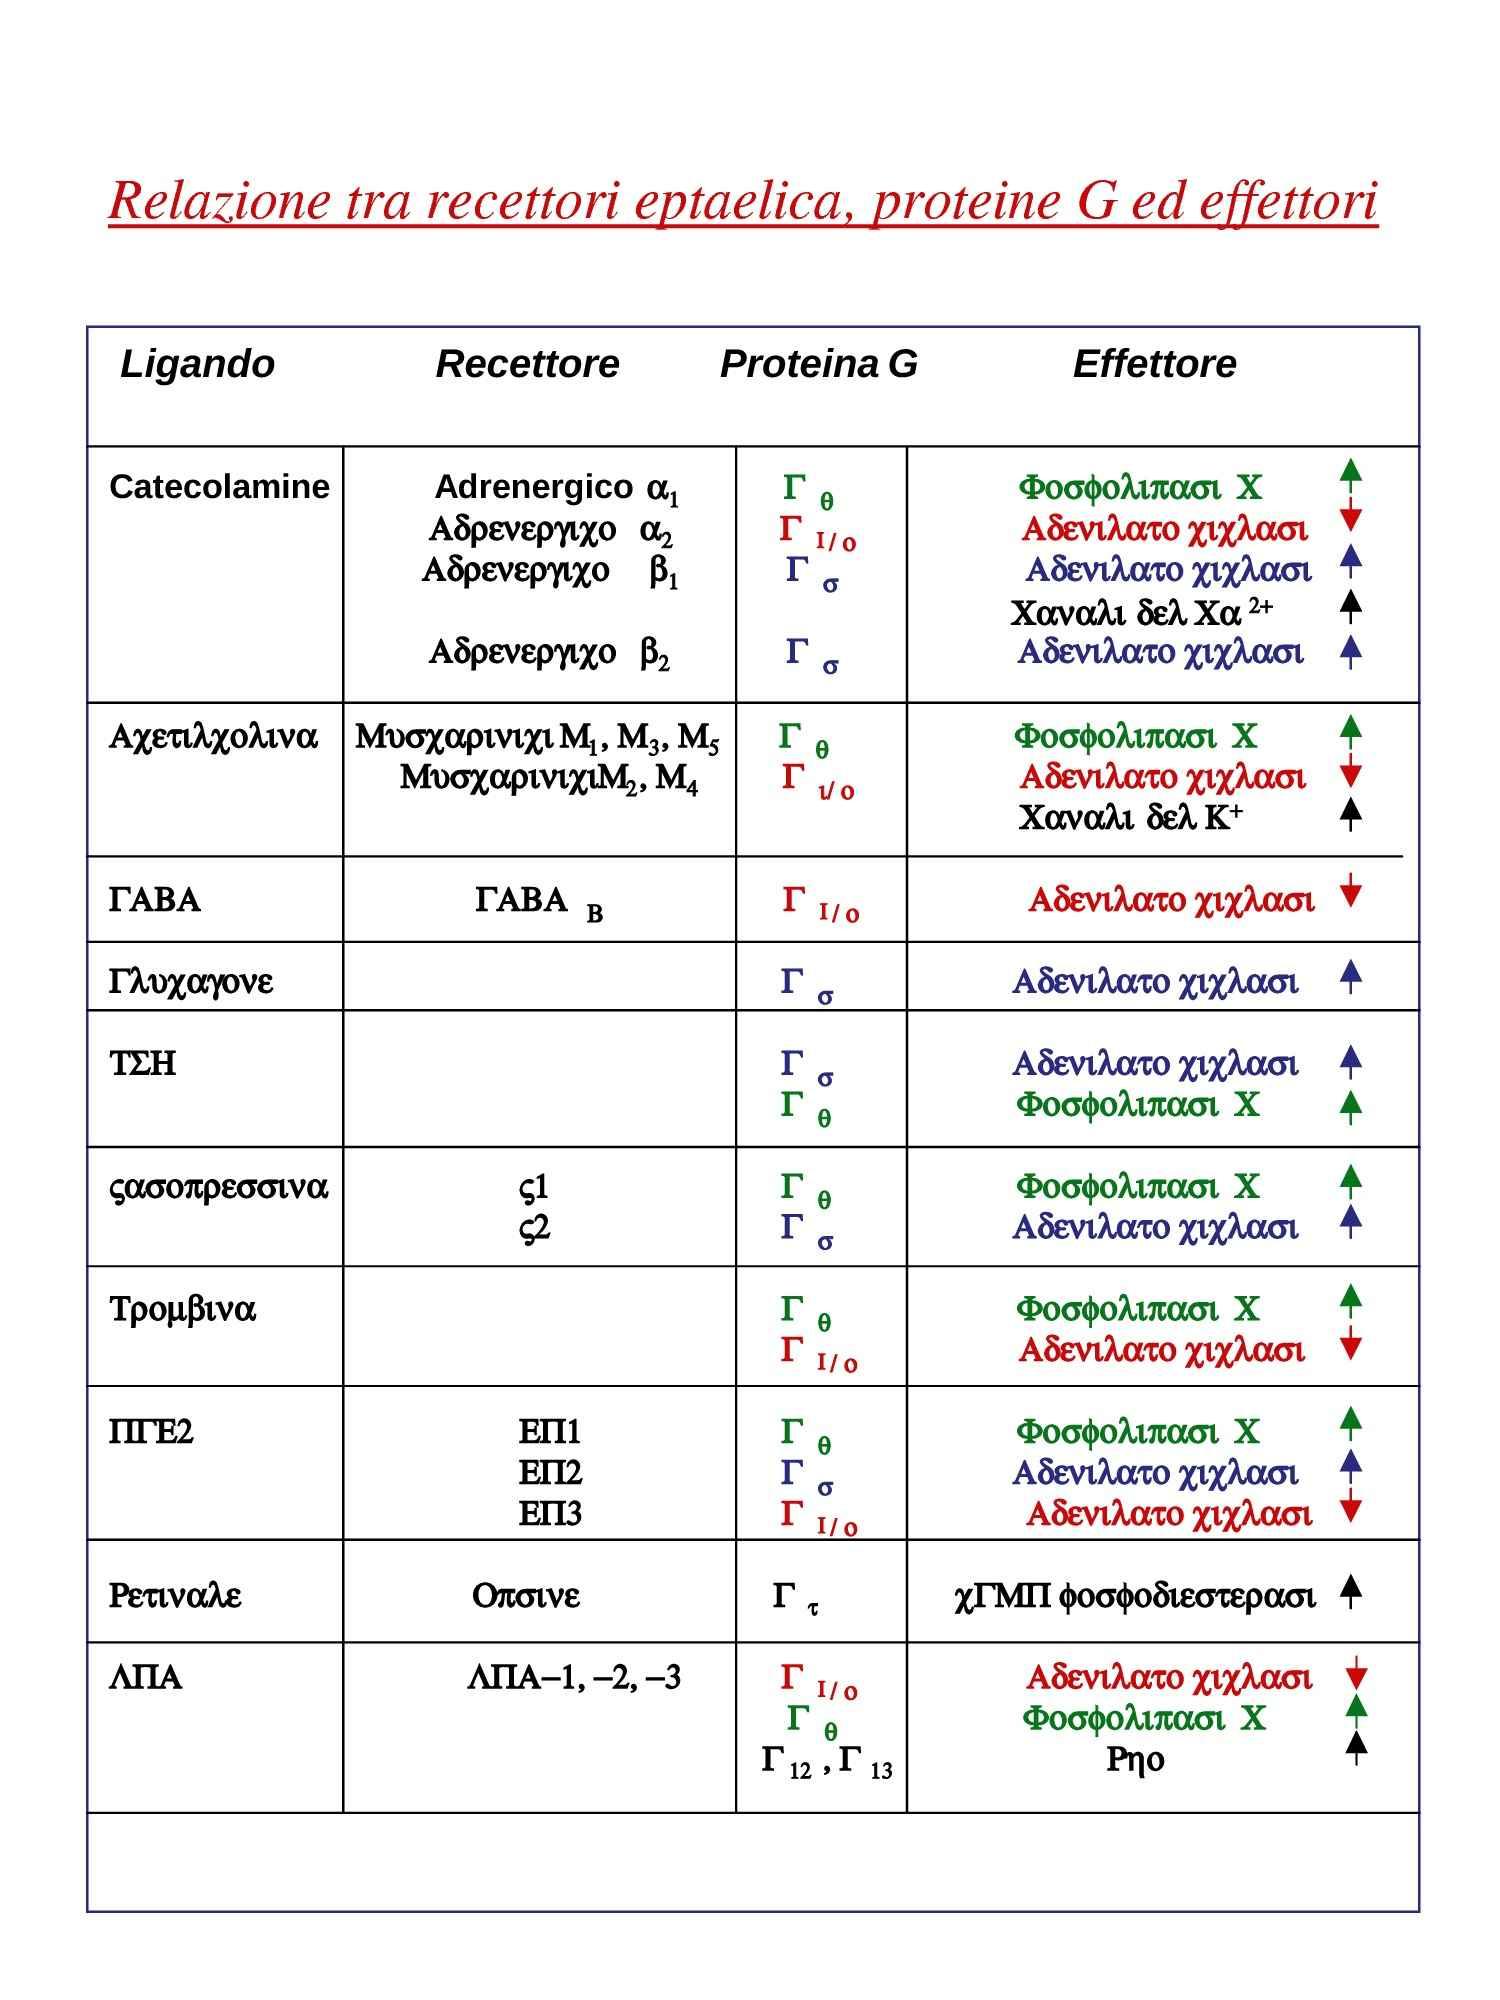 Fosfolipasi C beta